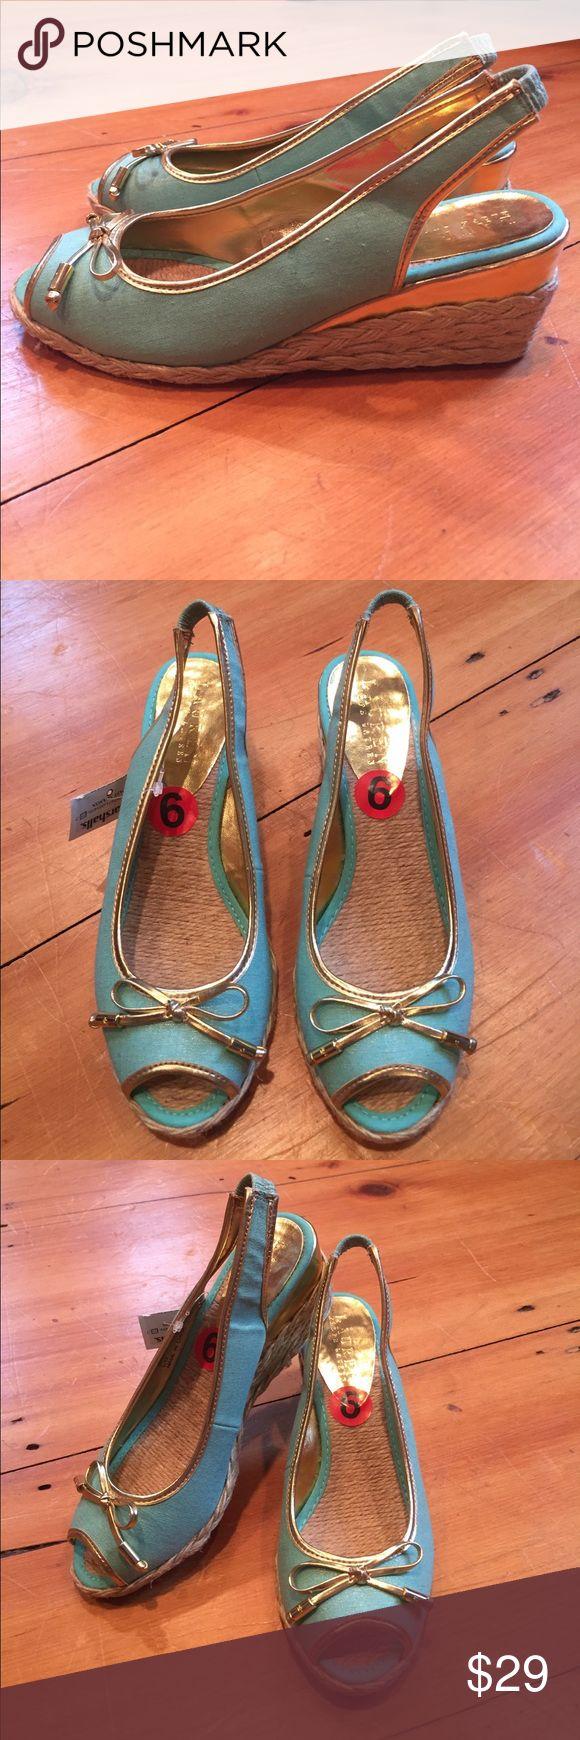 Teal Wedges New Lauren Ralph Lauren aquamarine and gold wedges, size 6 Lauren Ralph Lauren Shoes Wedges